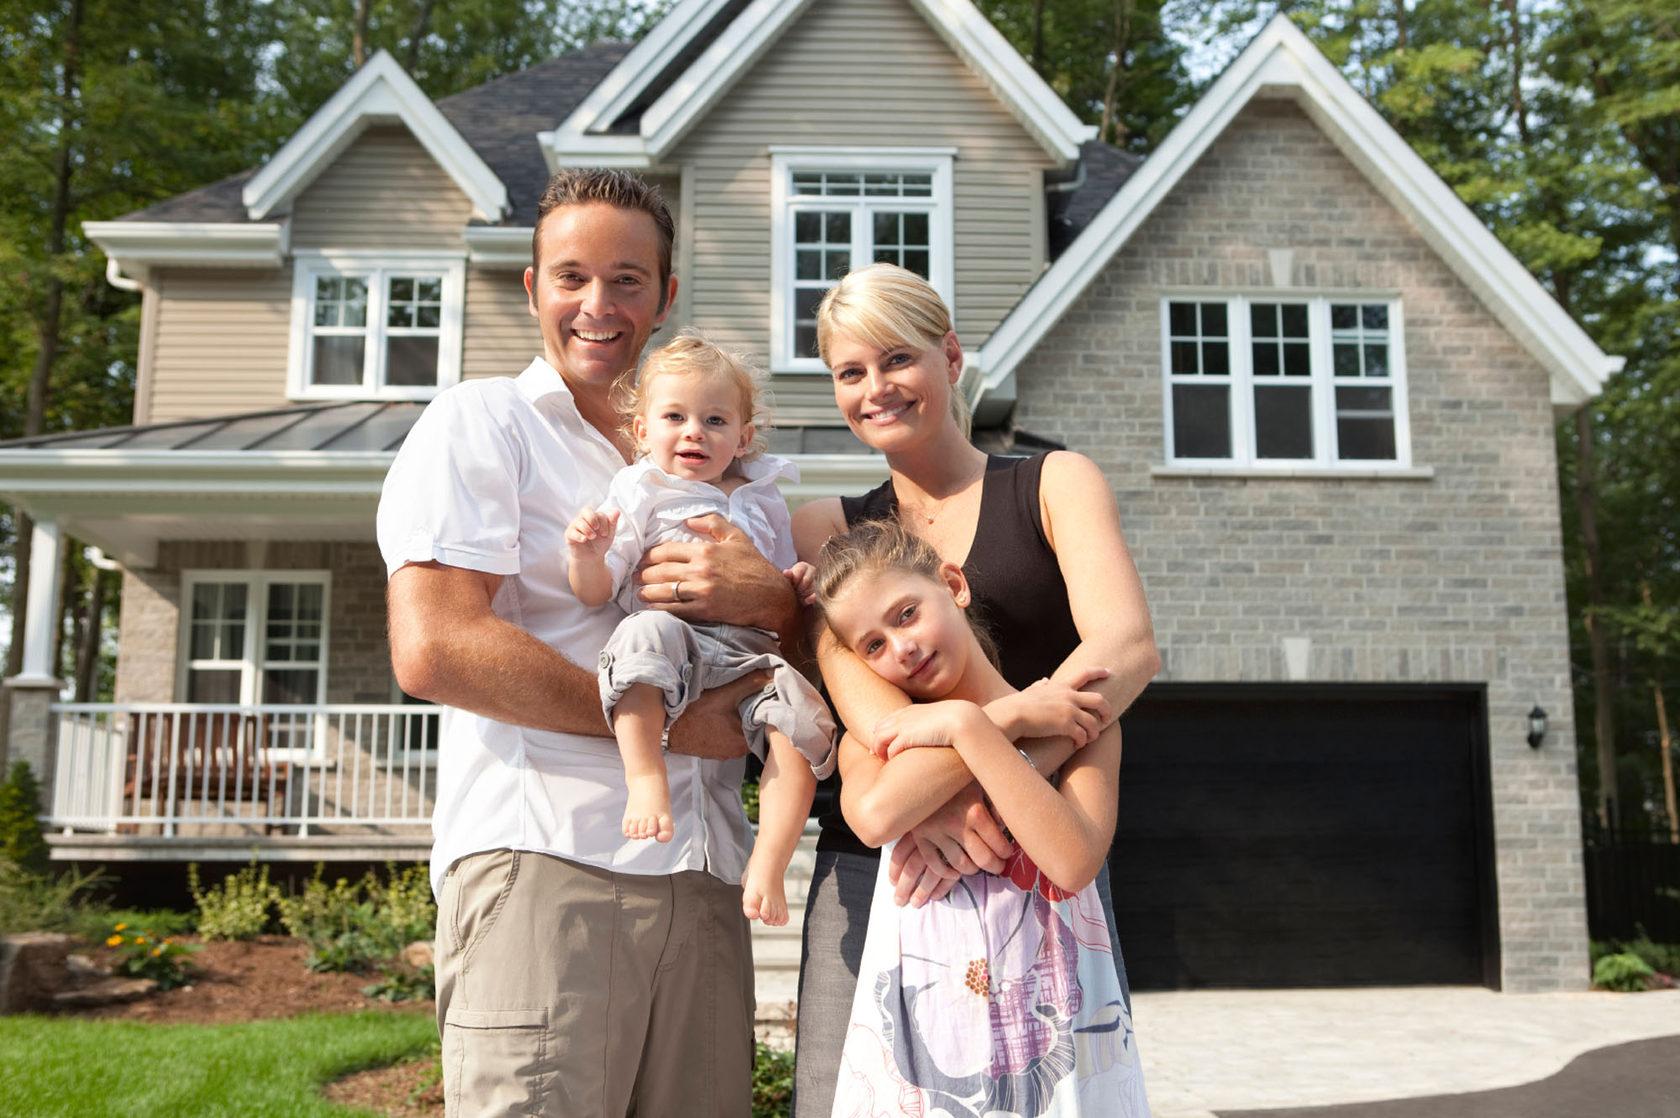 картинки счастливой семьи с двумя детьми на фоне дома оборудования аксессуаров для